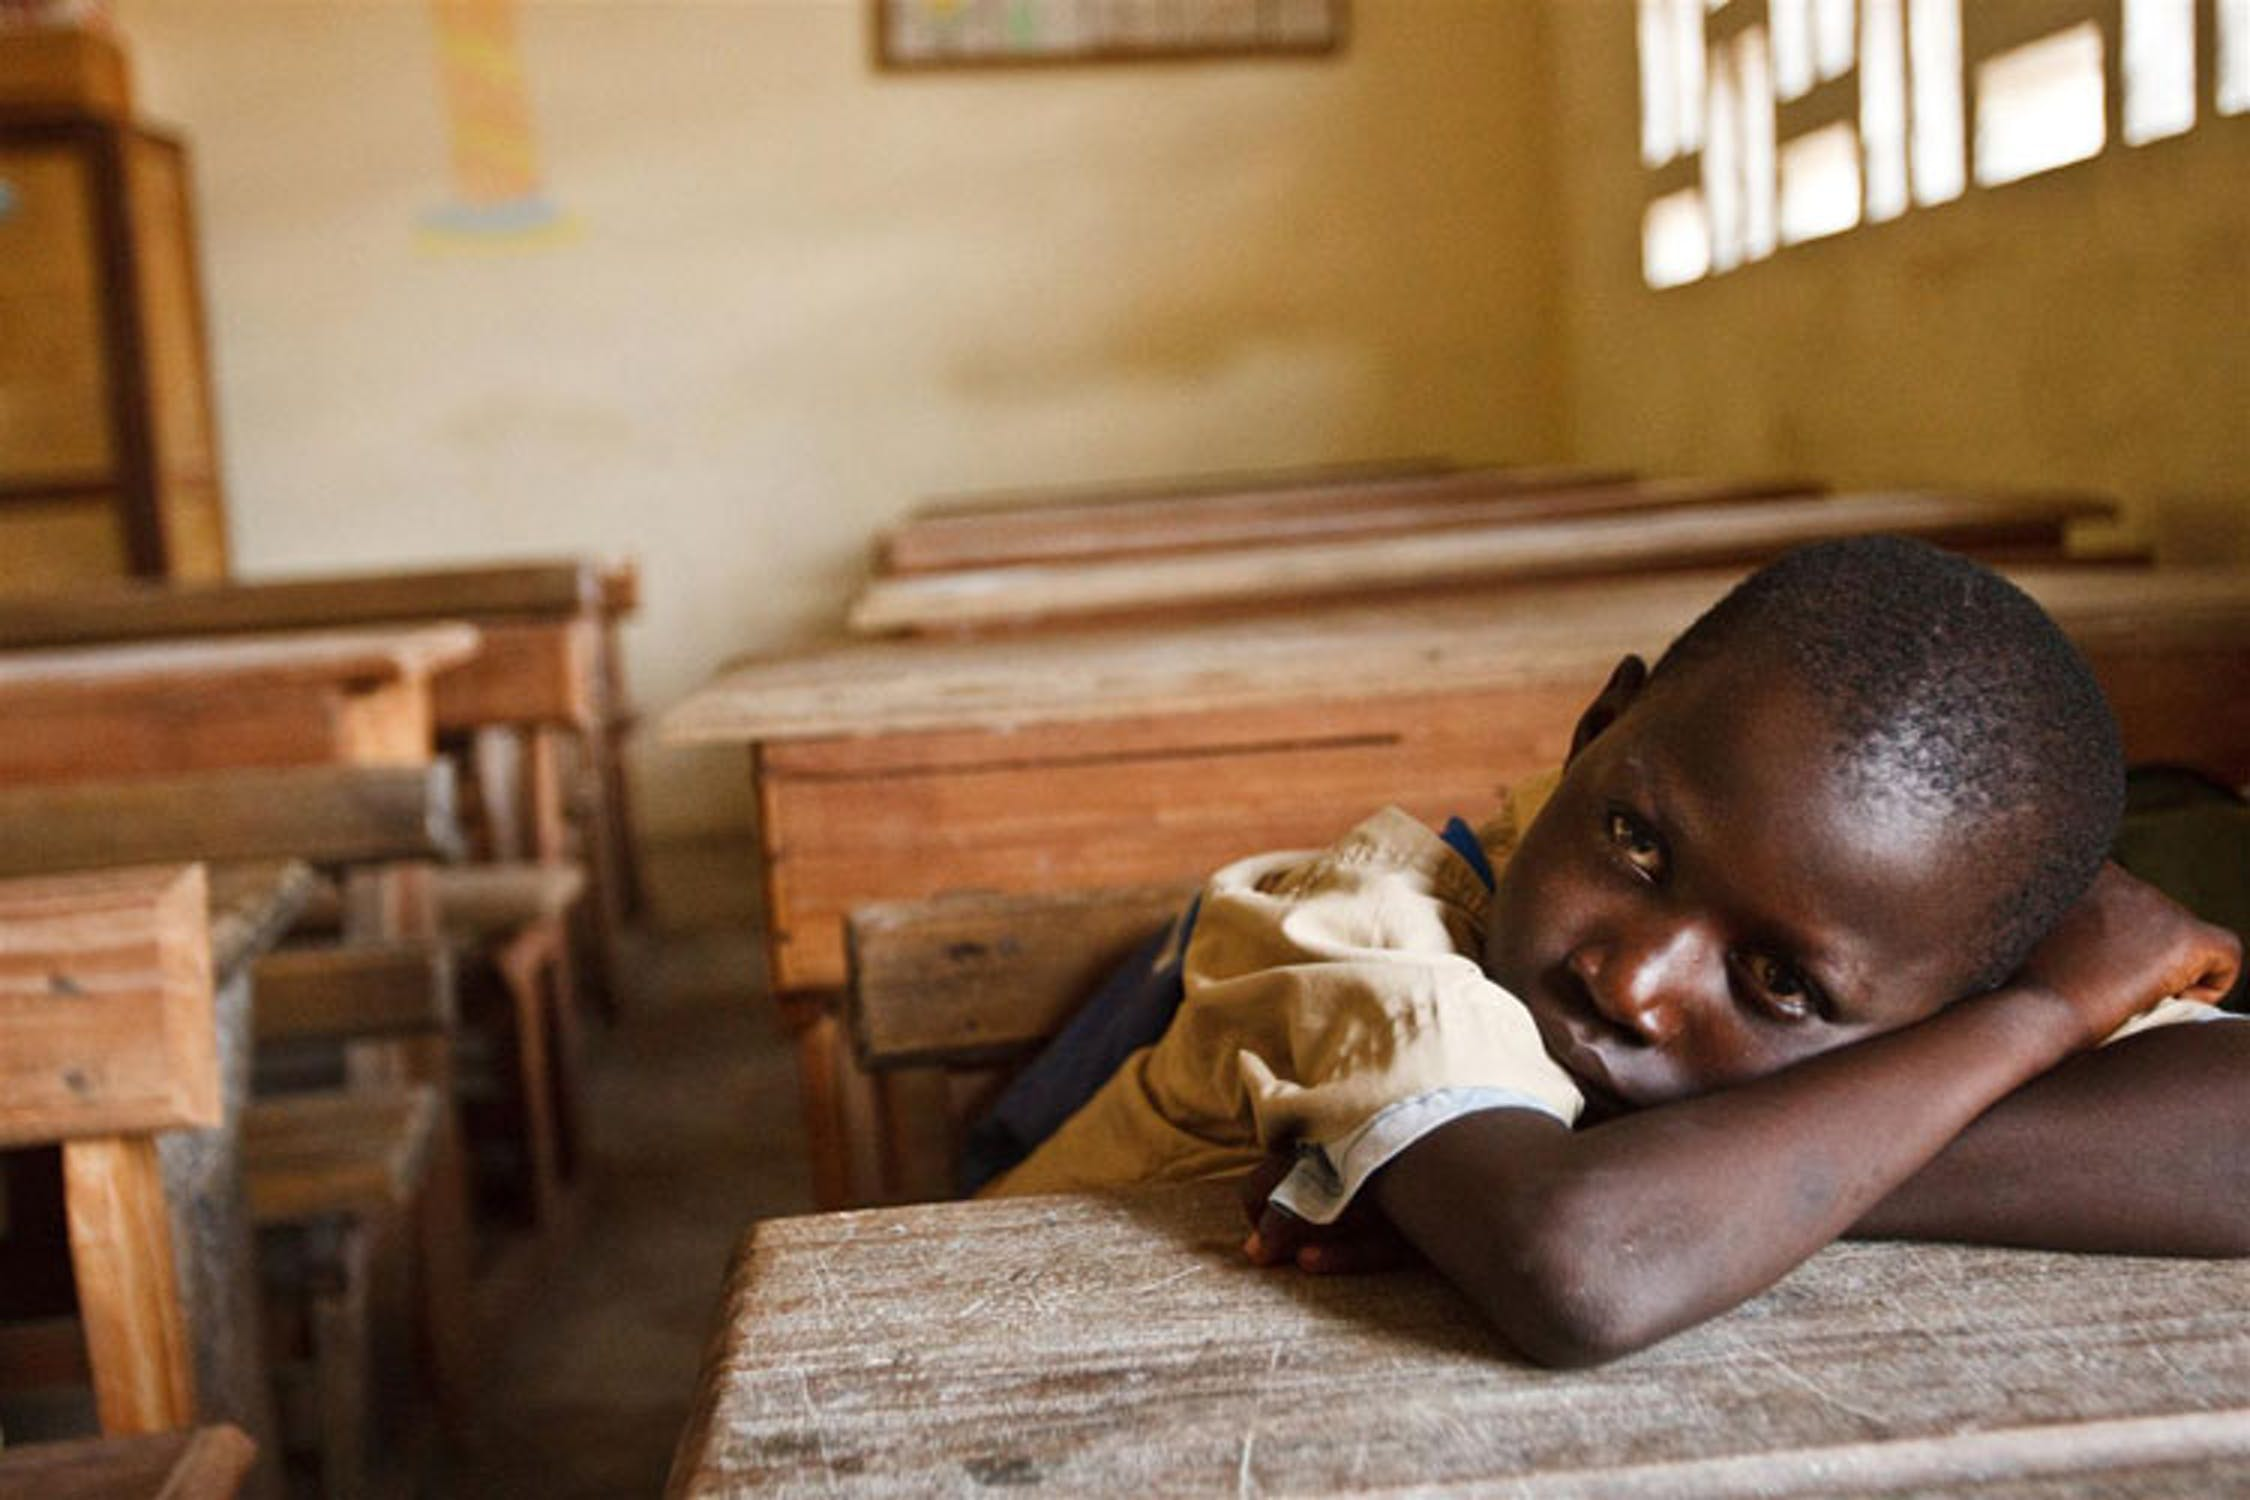 Un alunno della scula elmentare di Treichville, nei dintorni di Abidjan, attende l'arrivo dell'insegnante - ©UNICEF/NYHQ2011-0540/Asselin